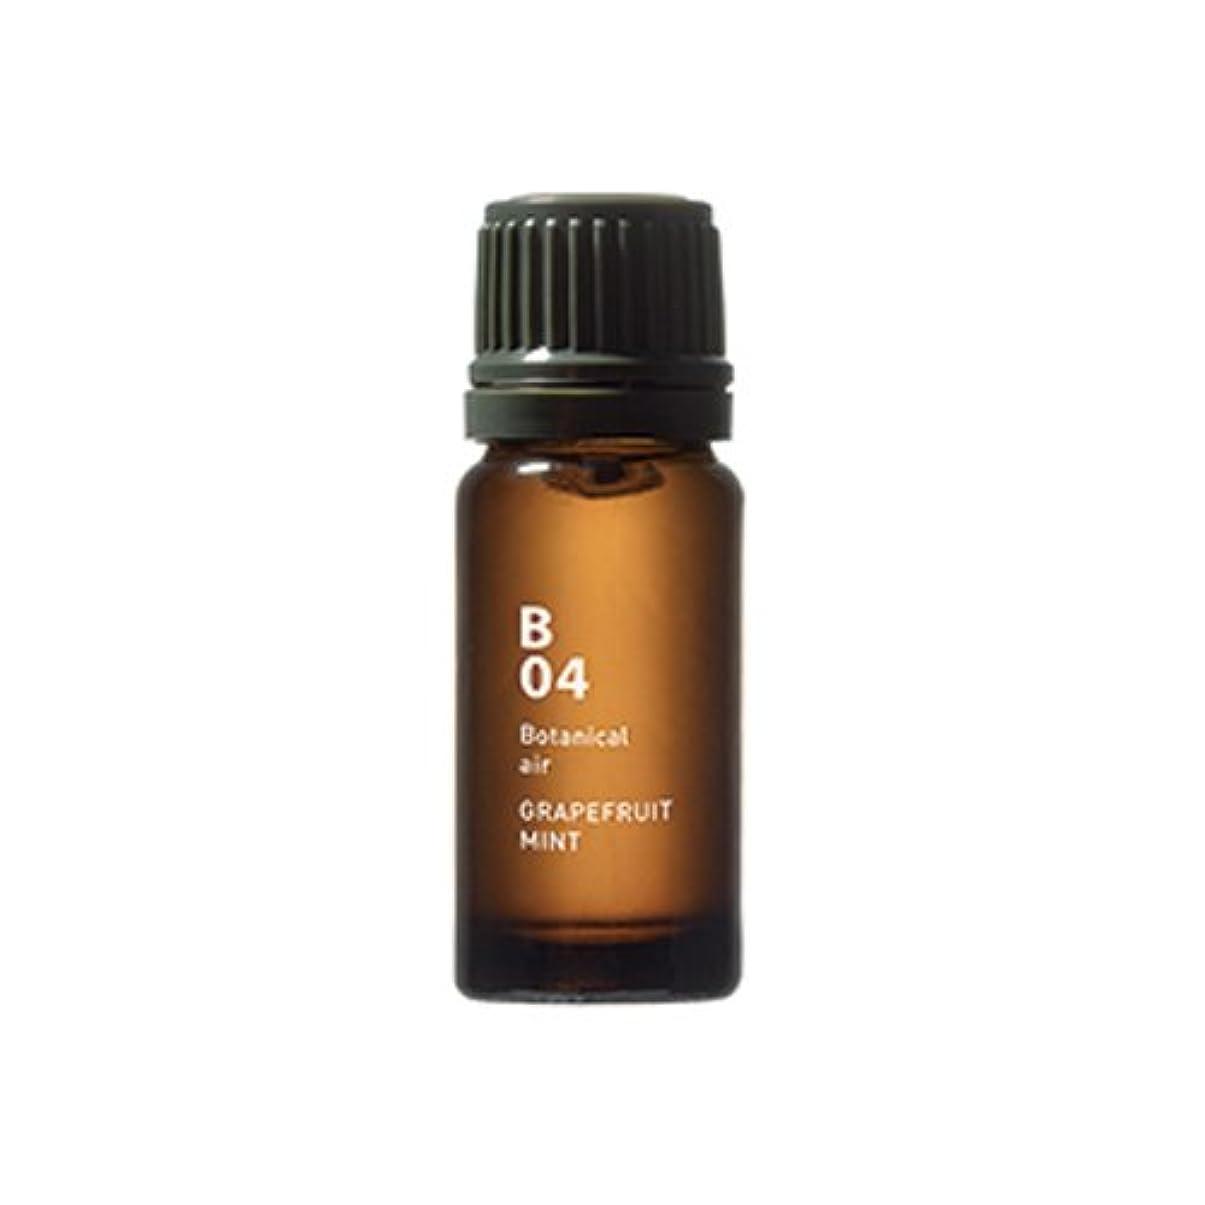 綺麗なタイプライターバナナB04 グレープフルーツミント Botanical air(ボタニカルエアー) 10ml